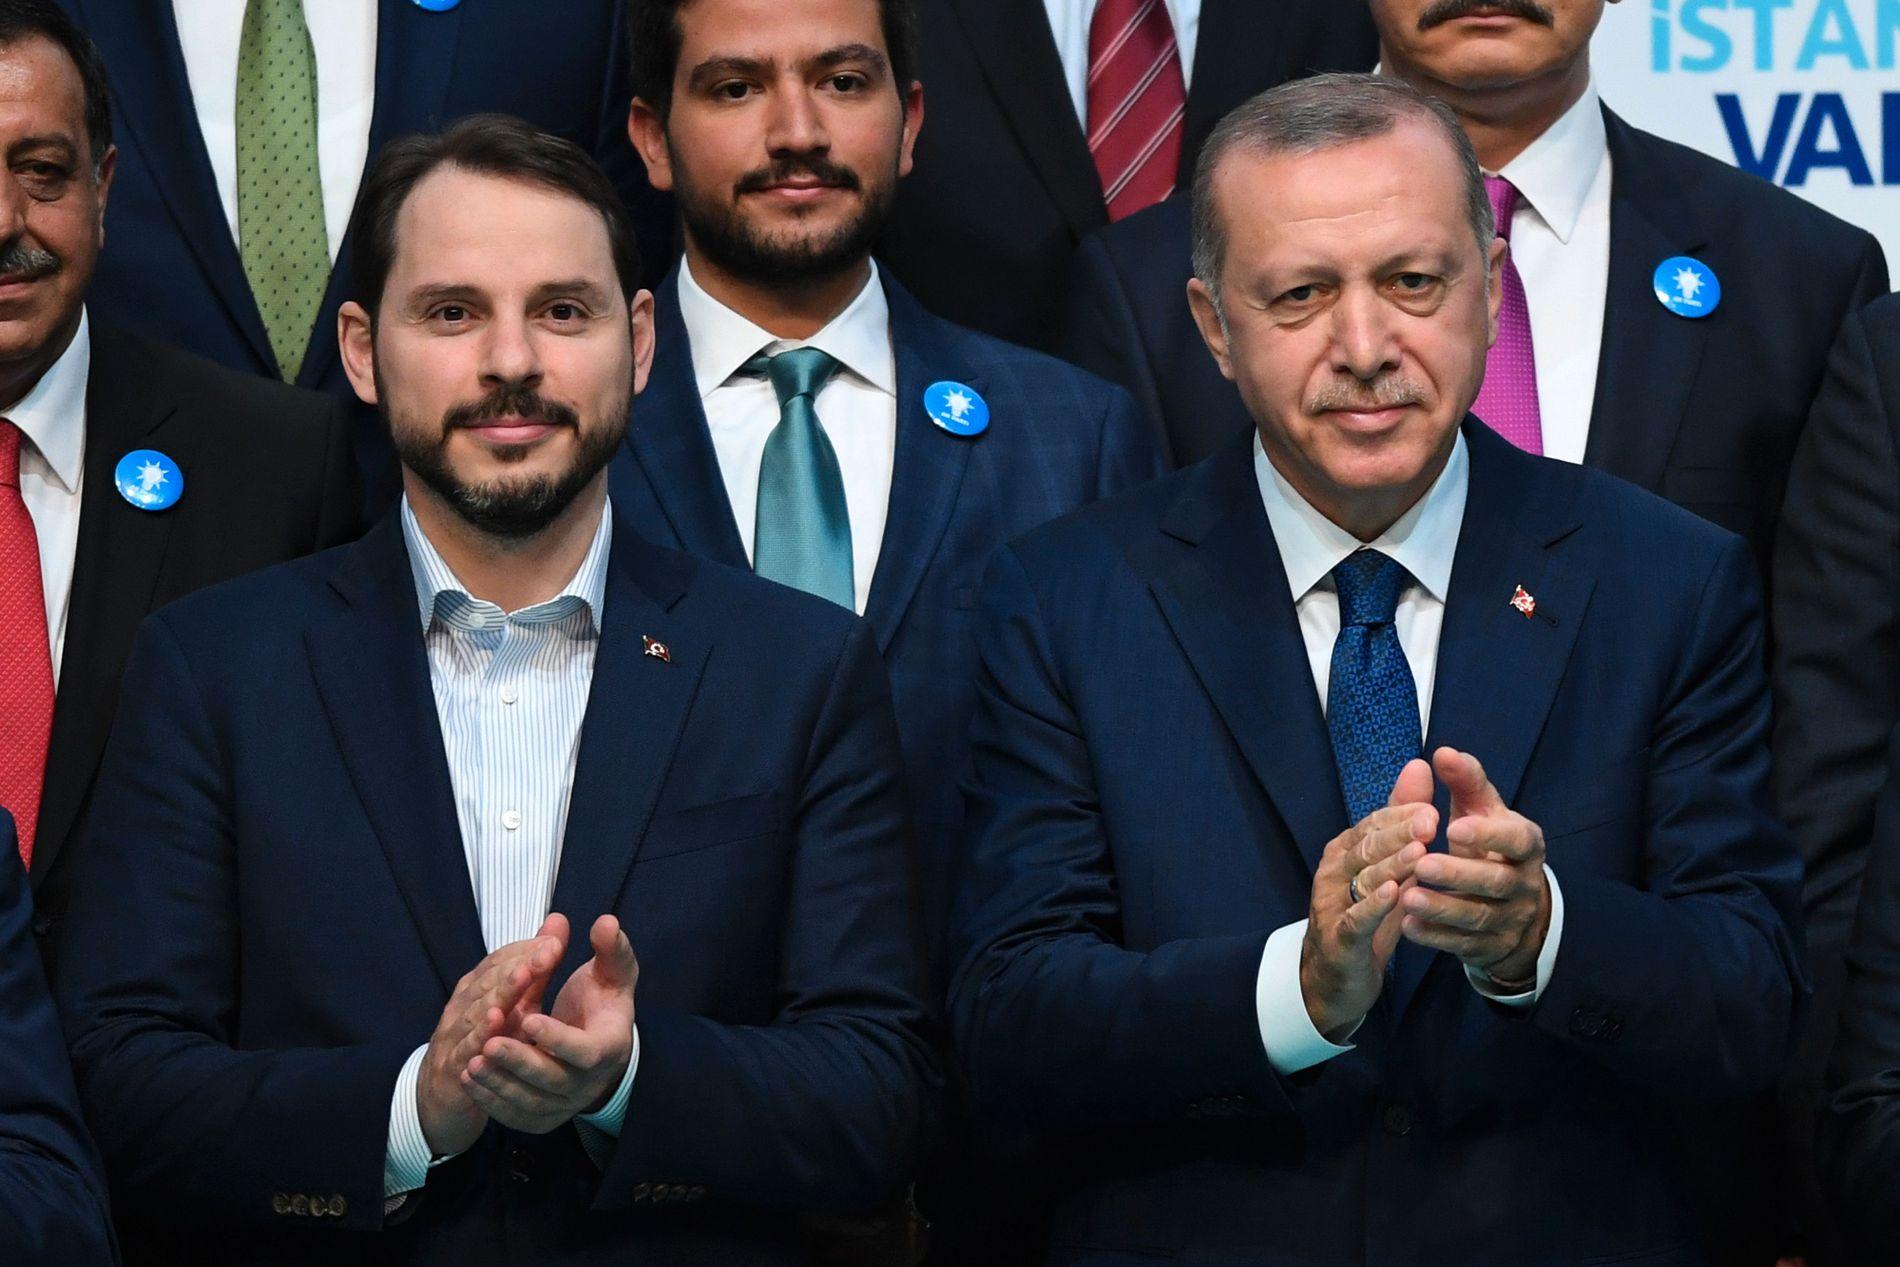 SAMARBEIDER TETT: President Recep Tayyip Erdogan ga først svigersønnen Berat Albayrak jobben som energiminister, og oppgraderte ham til finansminister for en drøy måned siden.